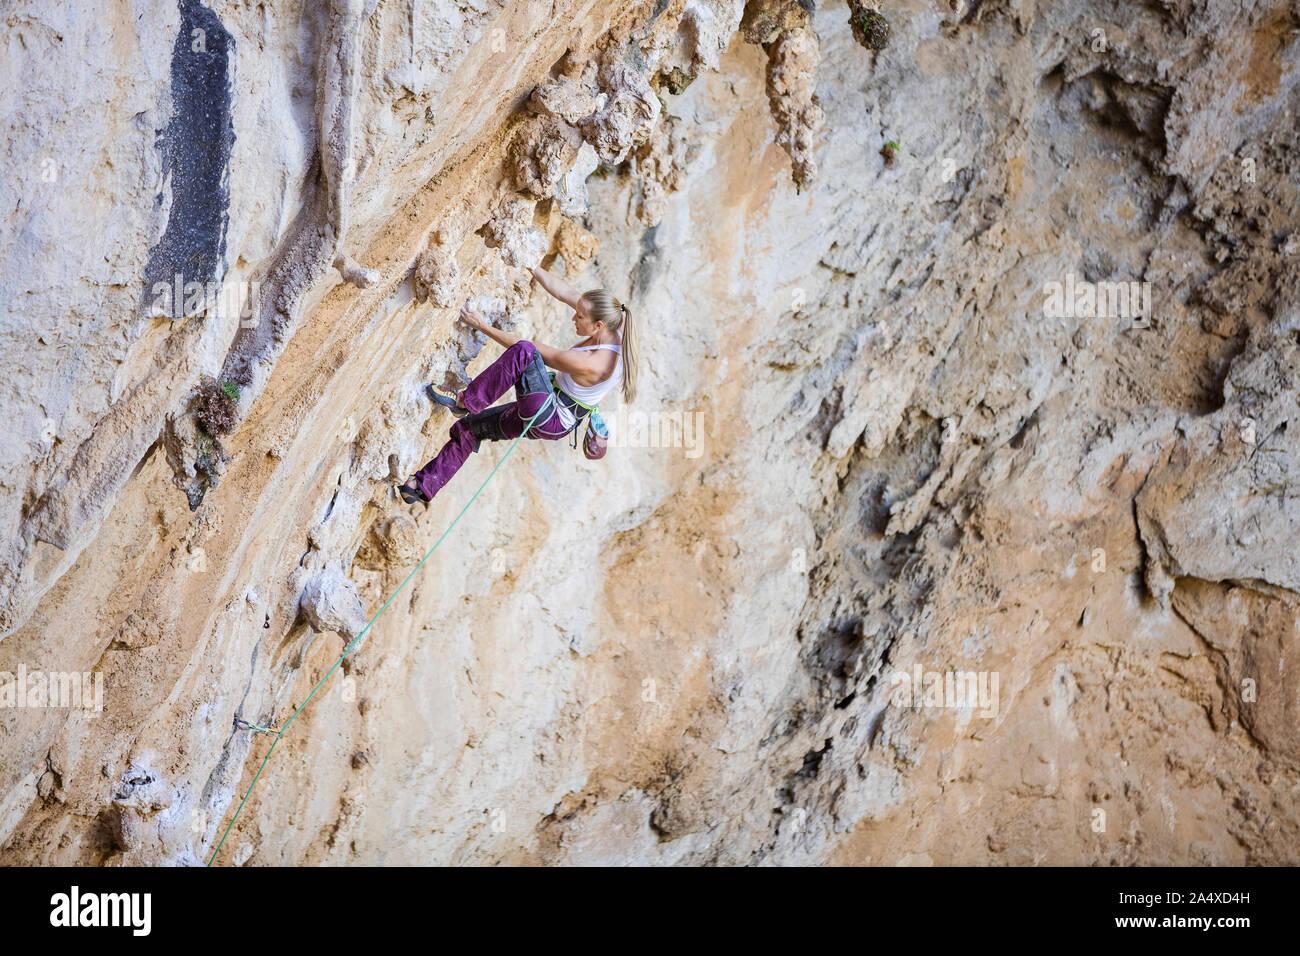 Giovani caucasici donna climbing impegnativo percorso sulla rupe a strapiombo Foto Stock